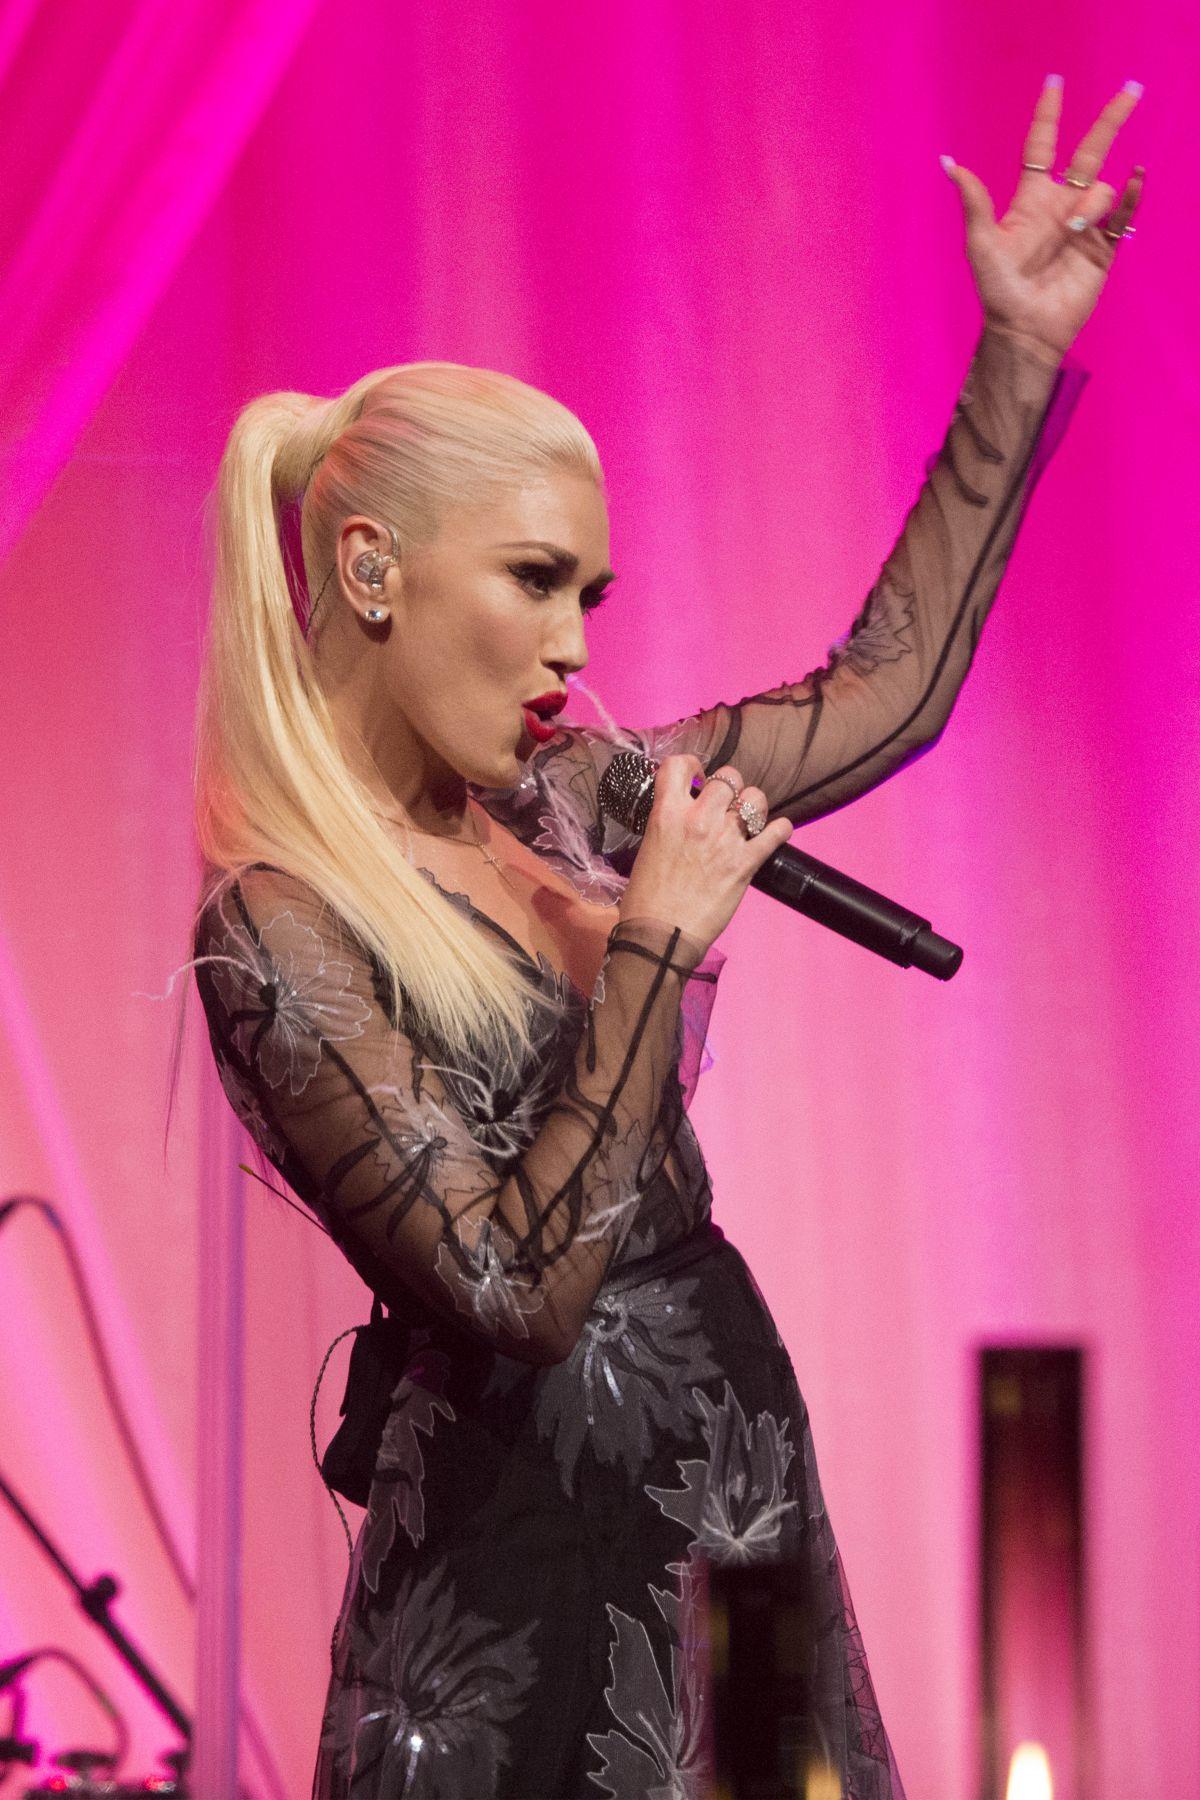 Gwen Stefani Archives - Page 4 of 18 - HawtCelebs - HawtCelebs Gwen Stefani